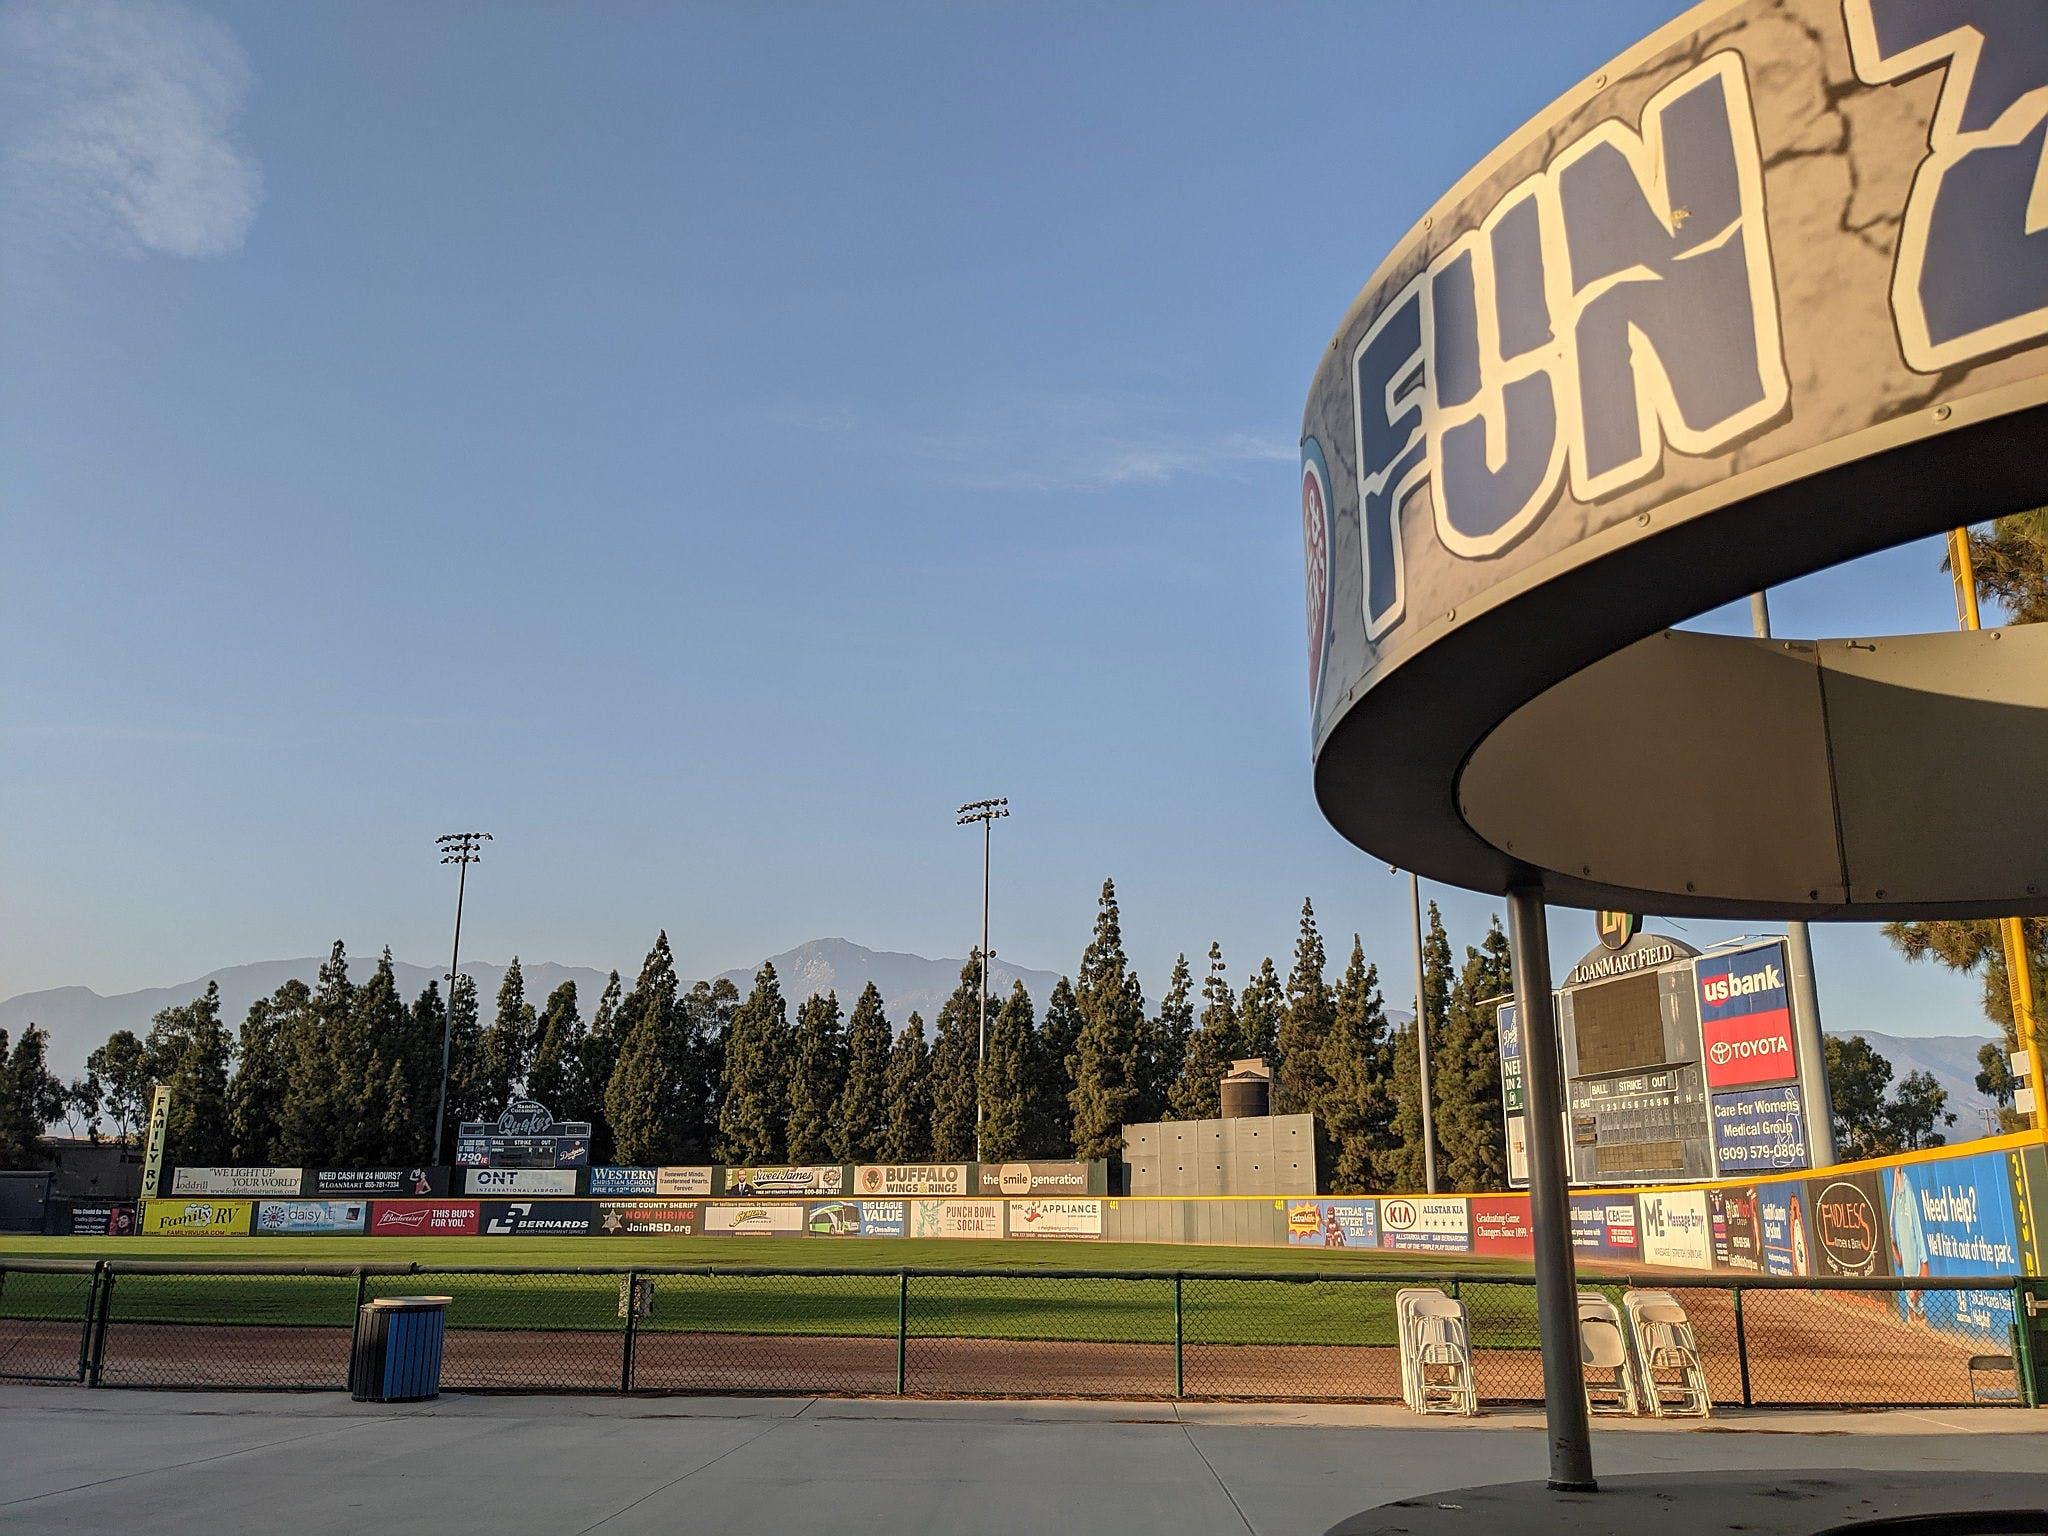 LoanMart Field Dodgertown